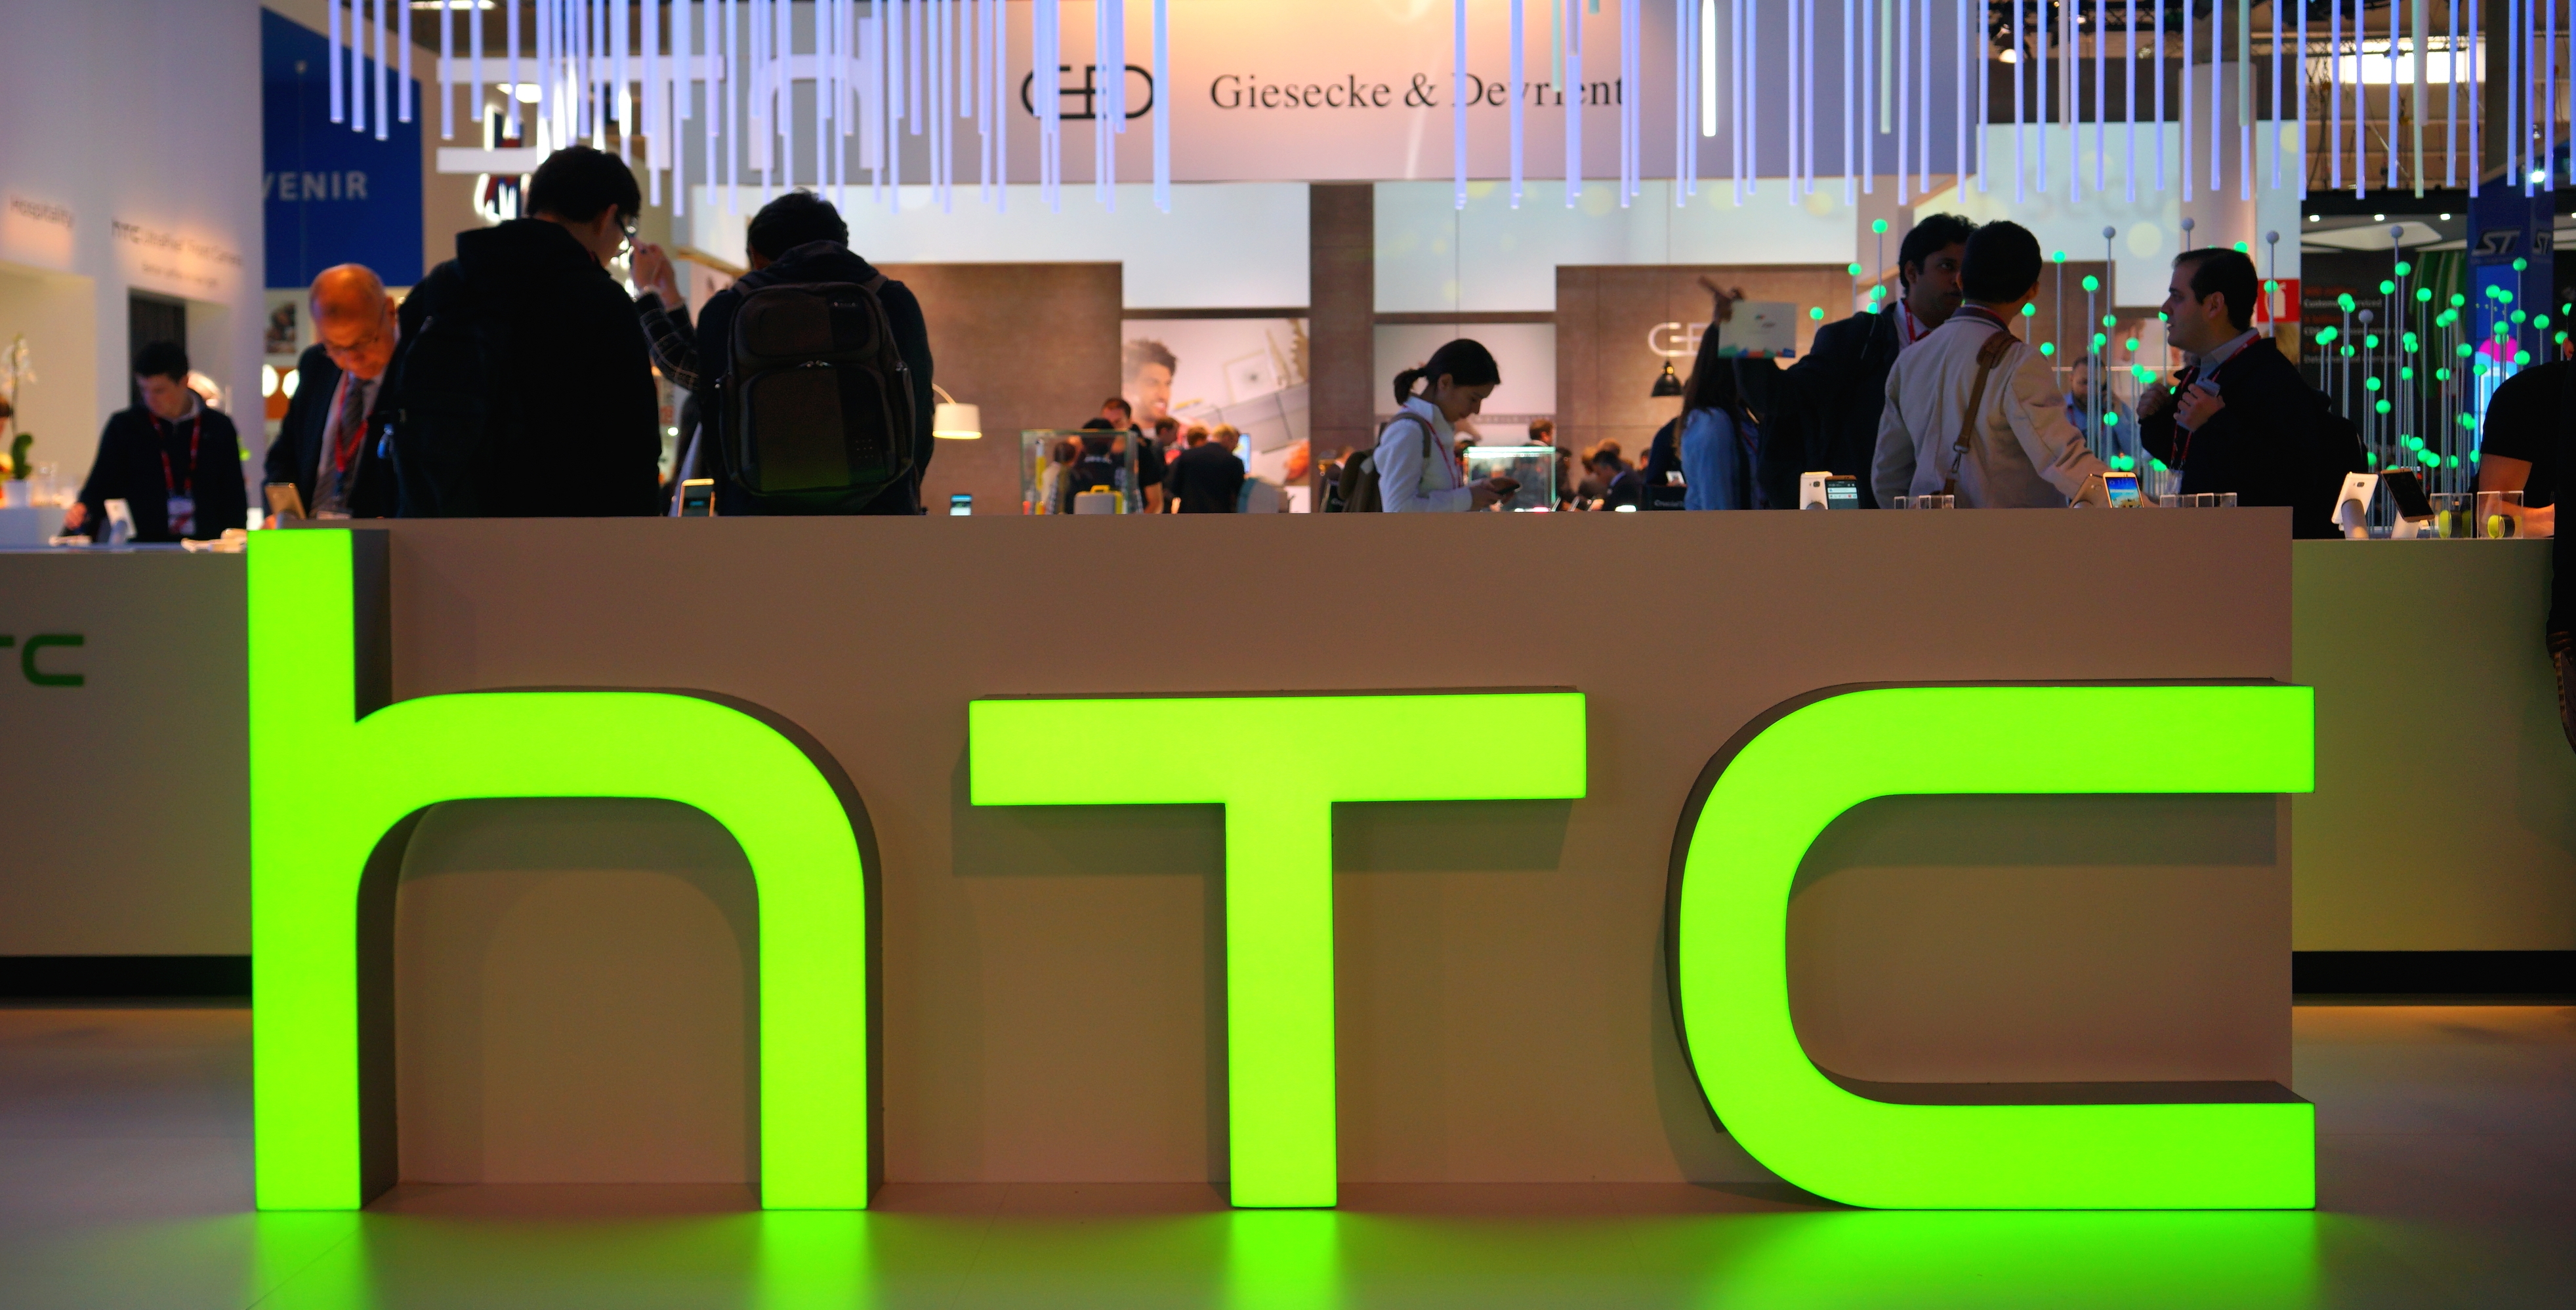 HTC chiude la sede italiana: nessuna cessazione di rapporto con i partner locali